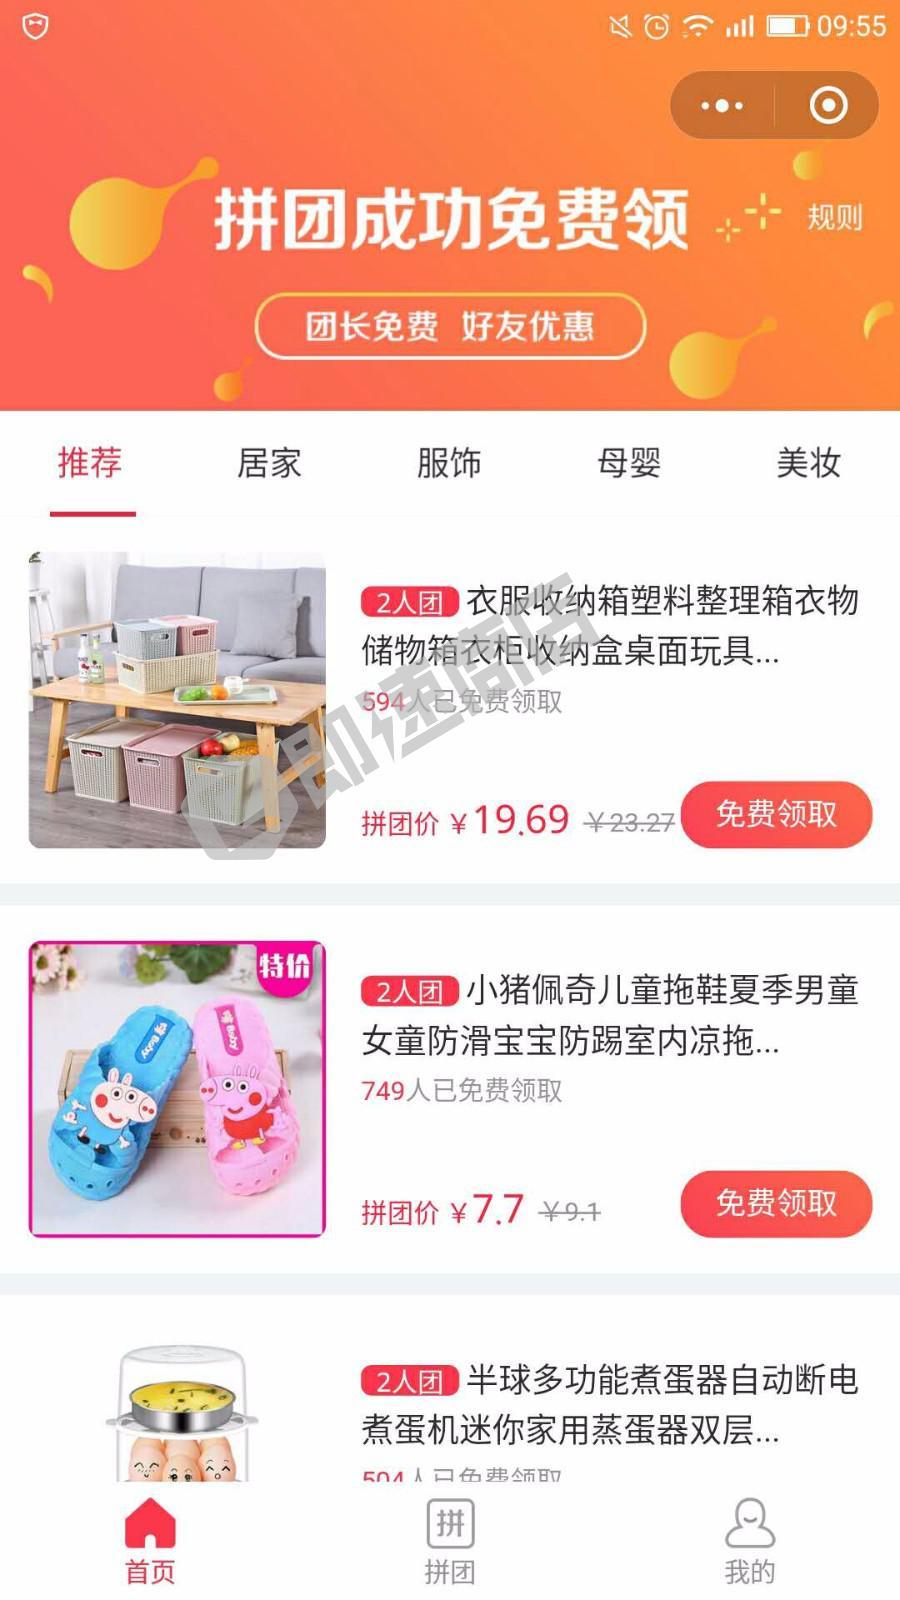 惠拼优选小程序详情页截图